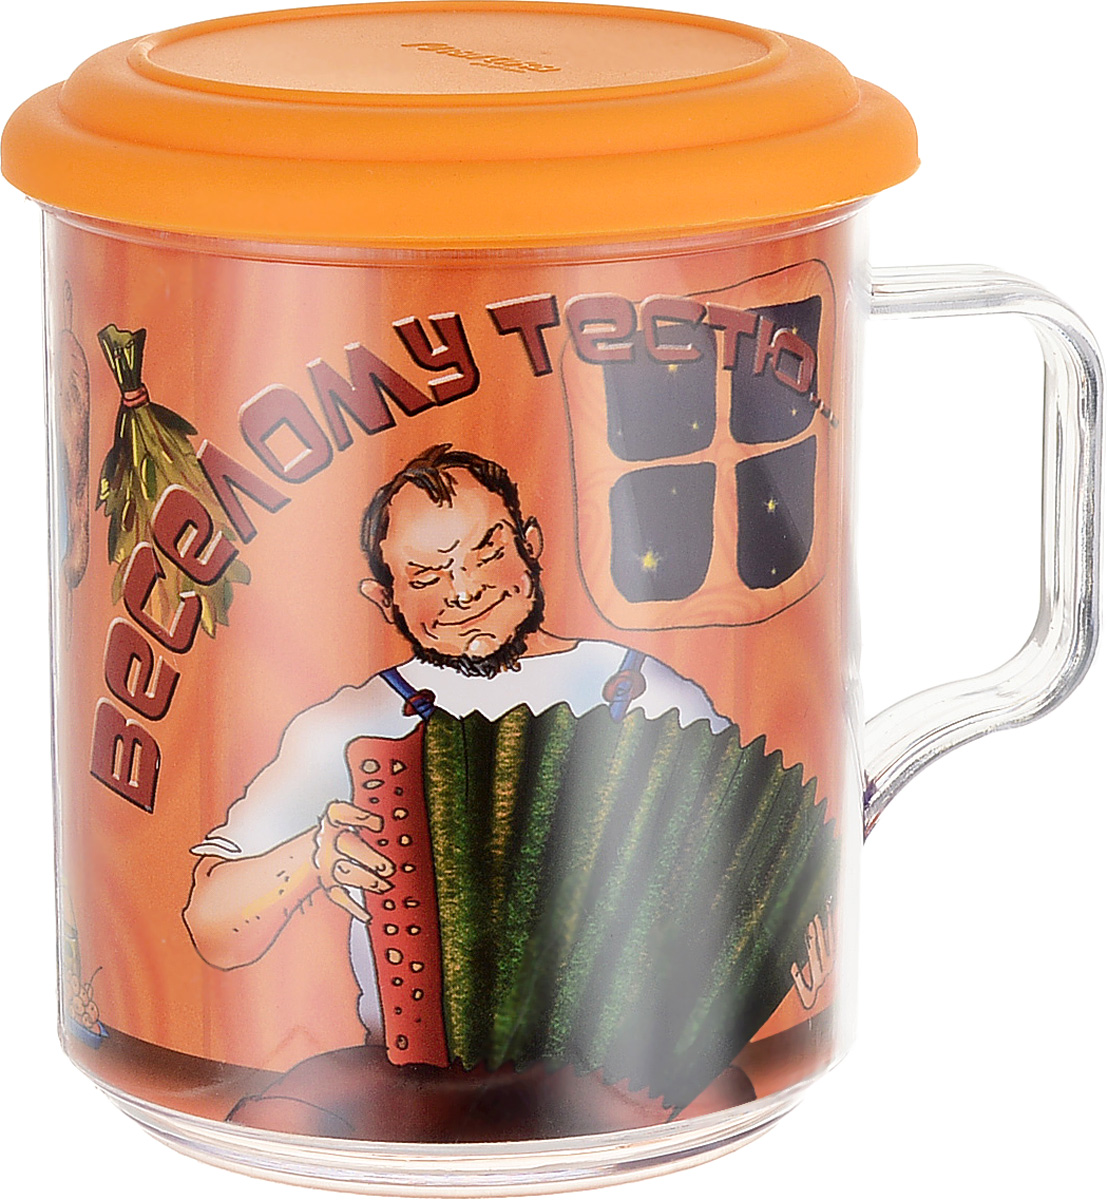 Термокружка Мартика Родня. Бабушке, цвет: зеленый, оранжевый, с крышкой, 400 мл